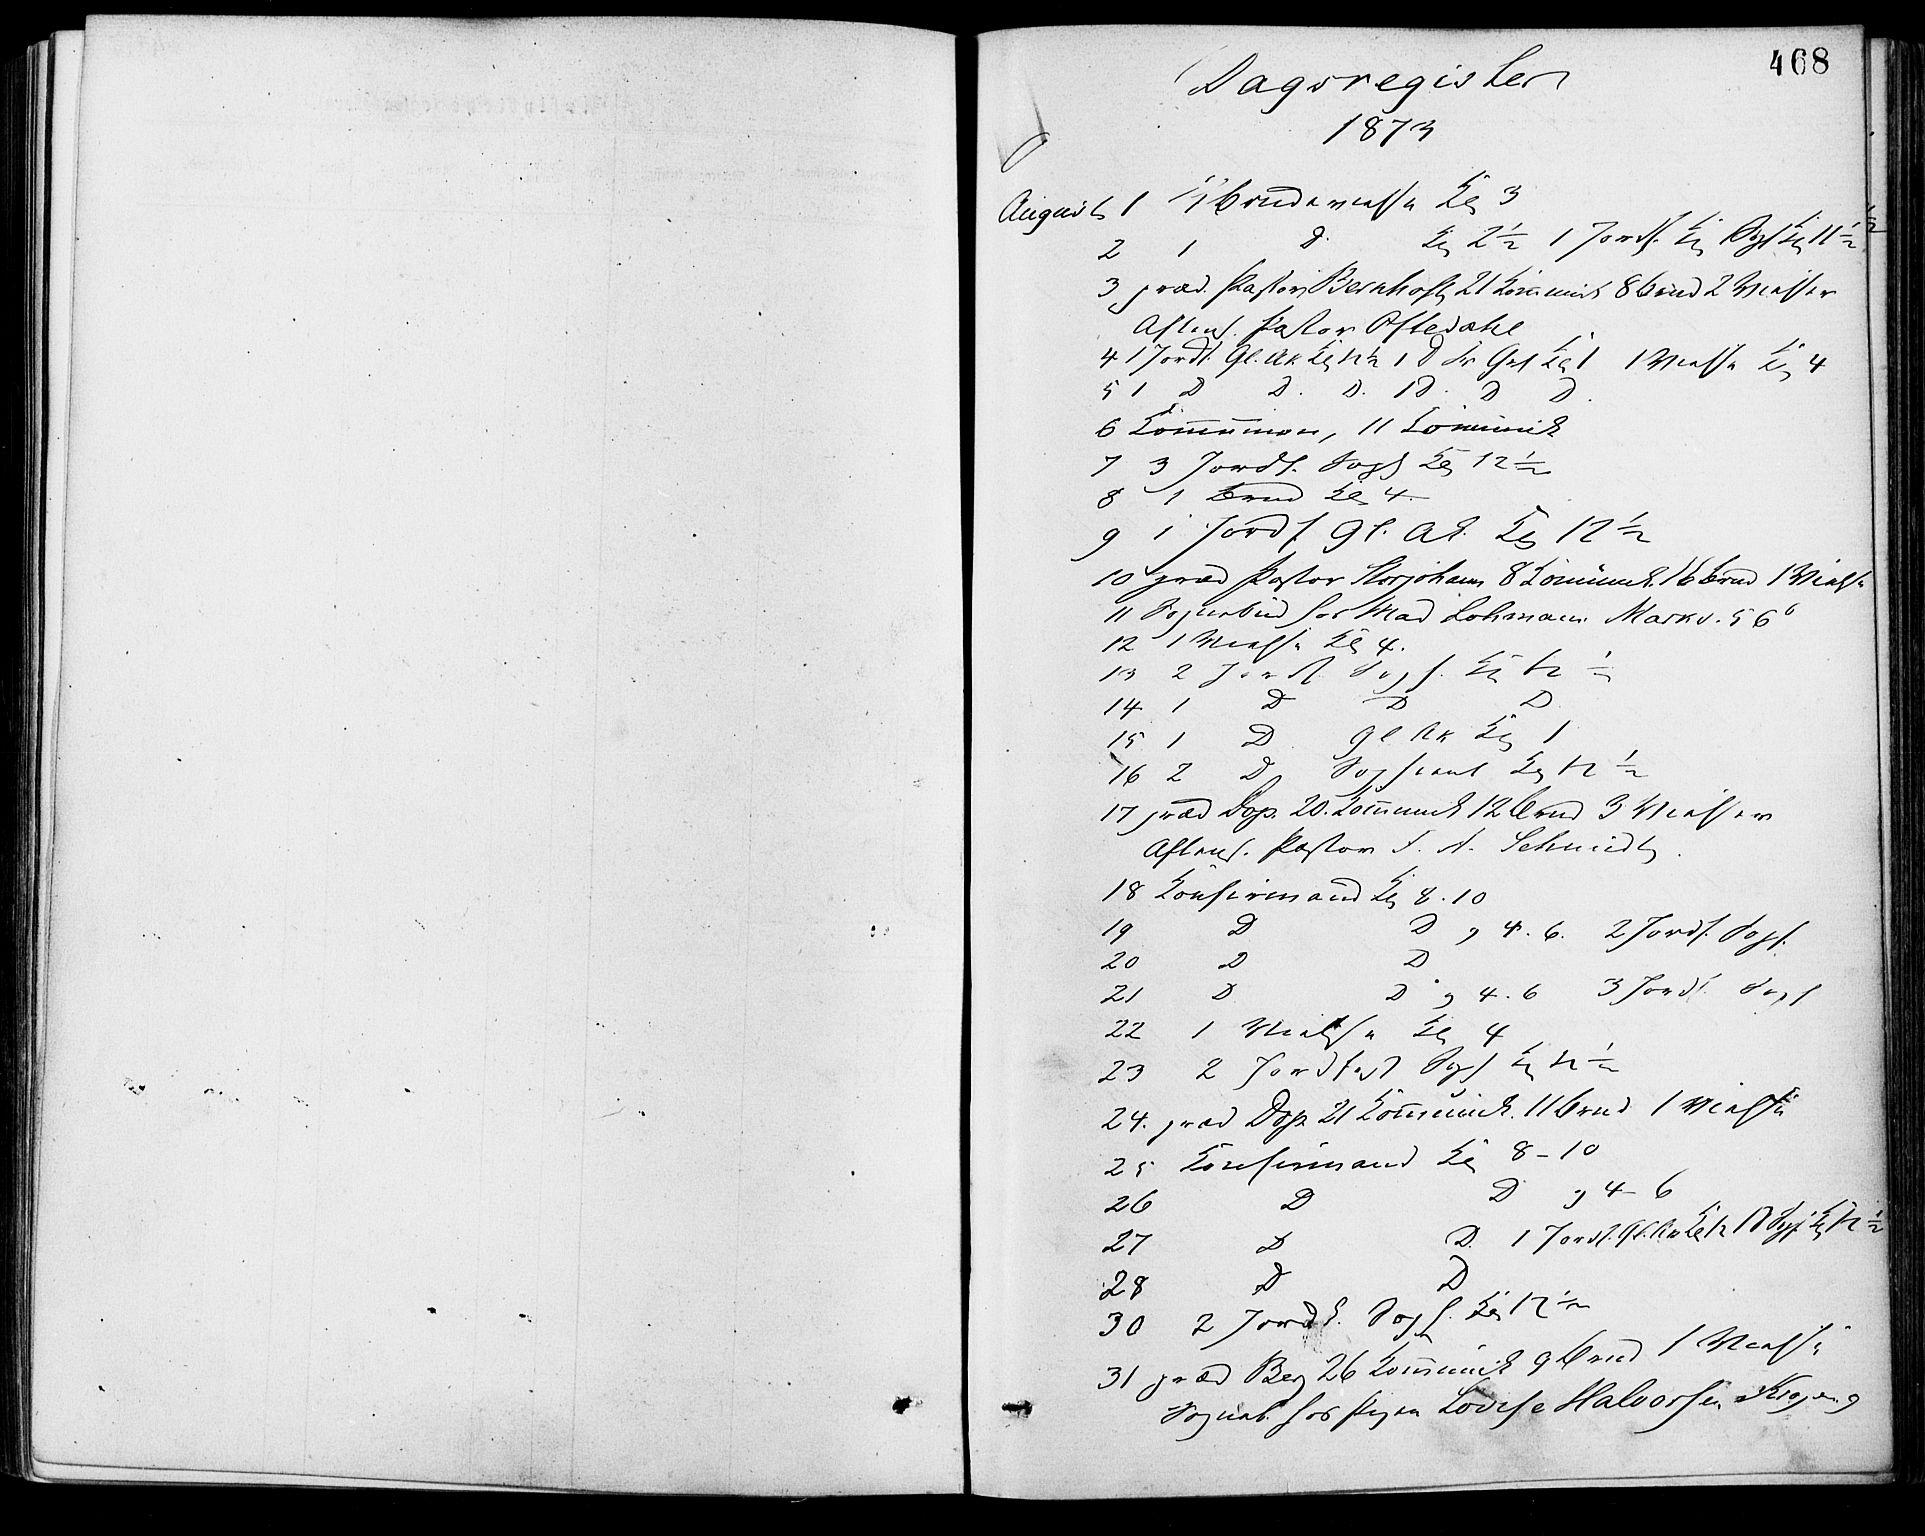 SAO, Gamle Aker prestekontor Kirkebøker, F/L0005: Ministerialbok nr. 5, 1873-1881, s. 468